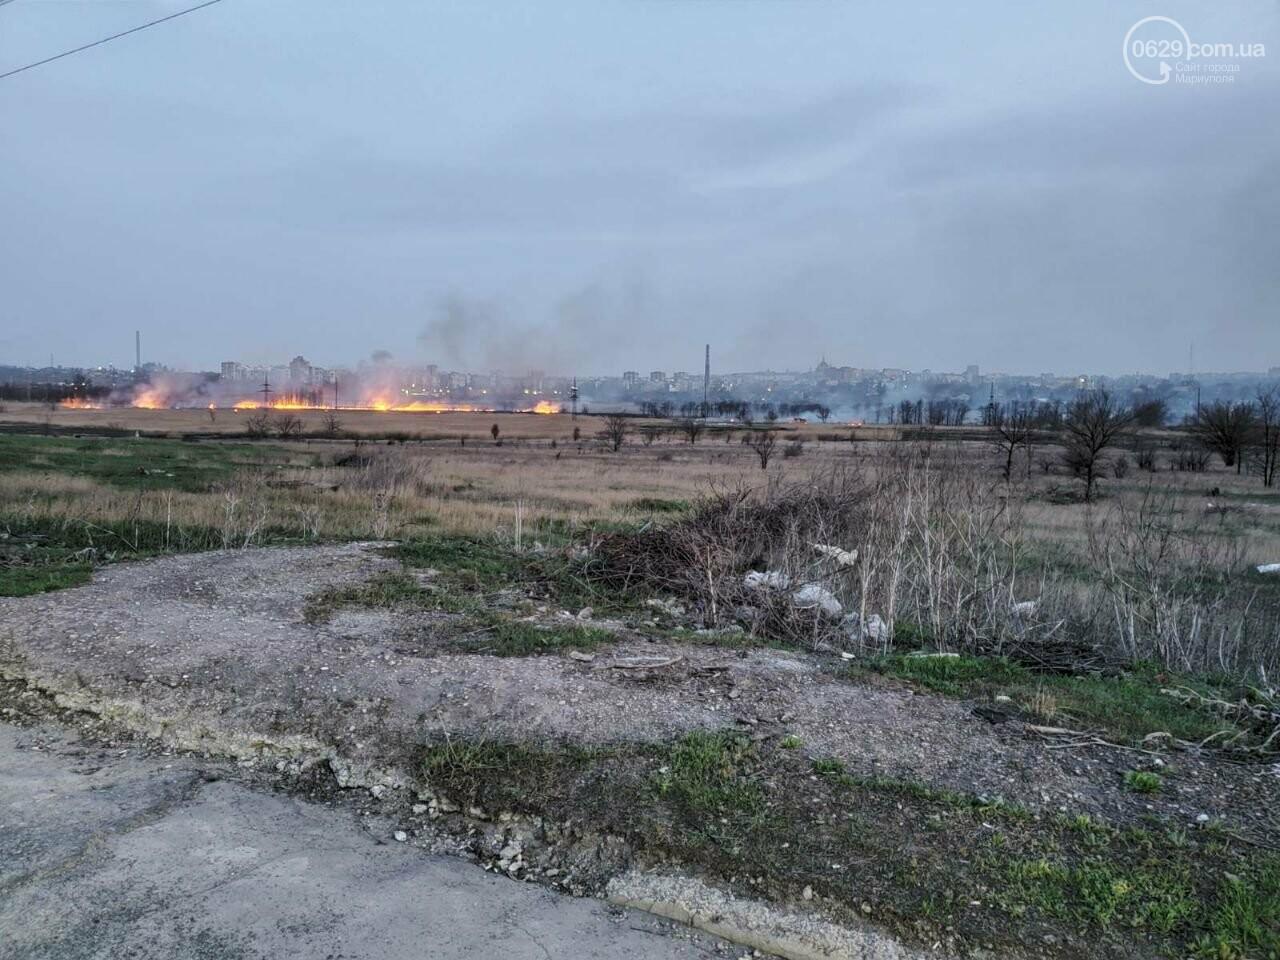 В Мариуполе полыхало поле в Кальмиусском районе, - ФОТО, ВИДЕО, фото-6